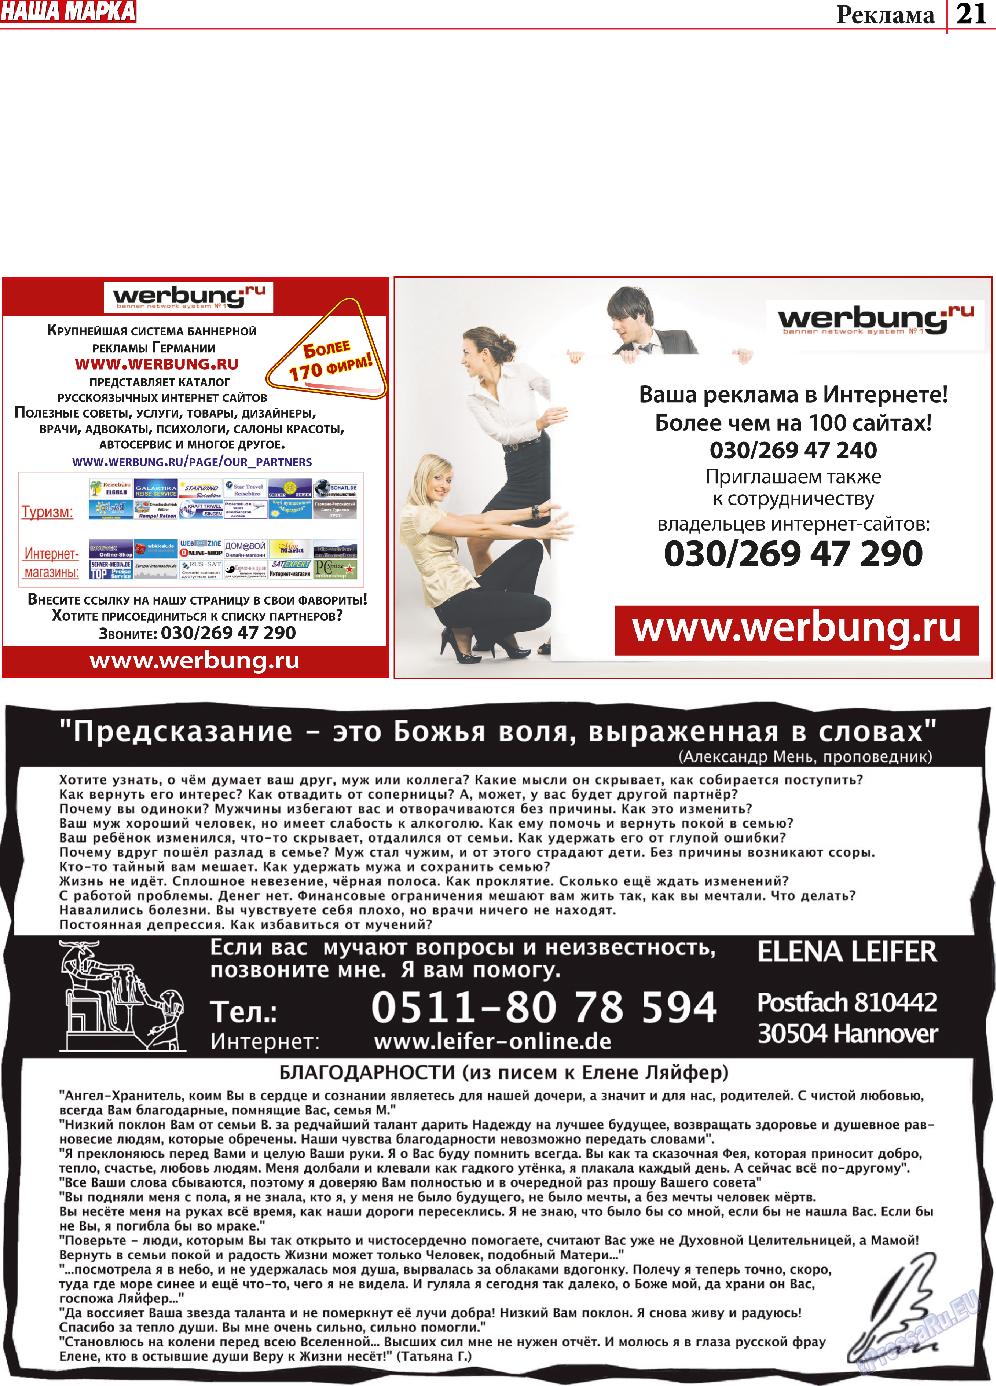 Наша марка (газета). 2013 год, номер 5, стр. 21